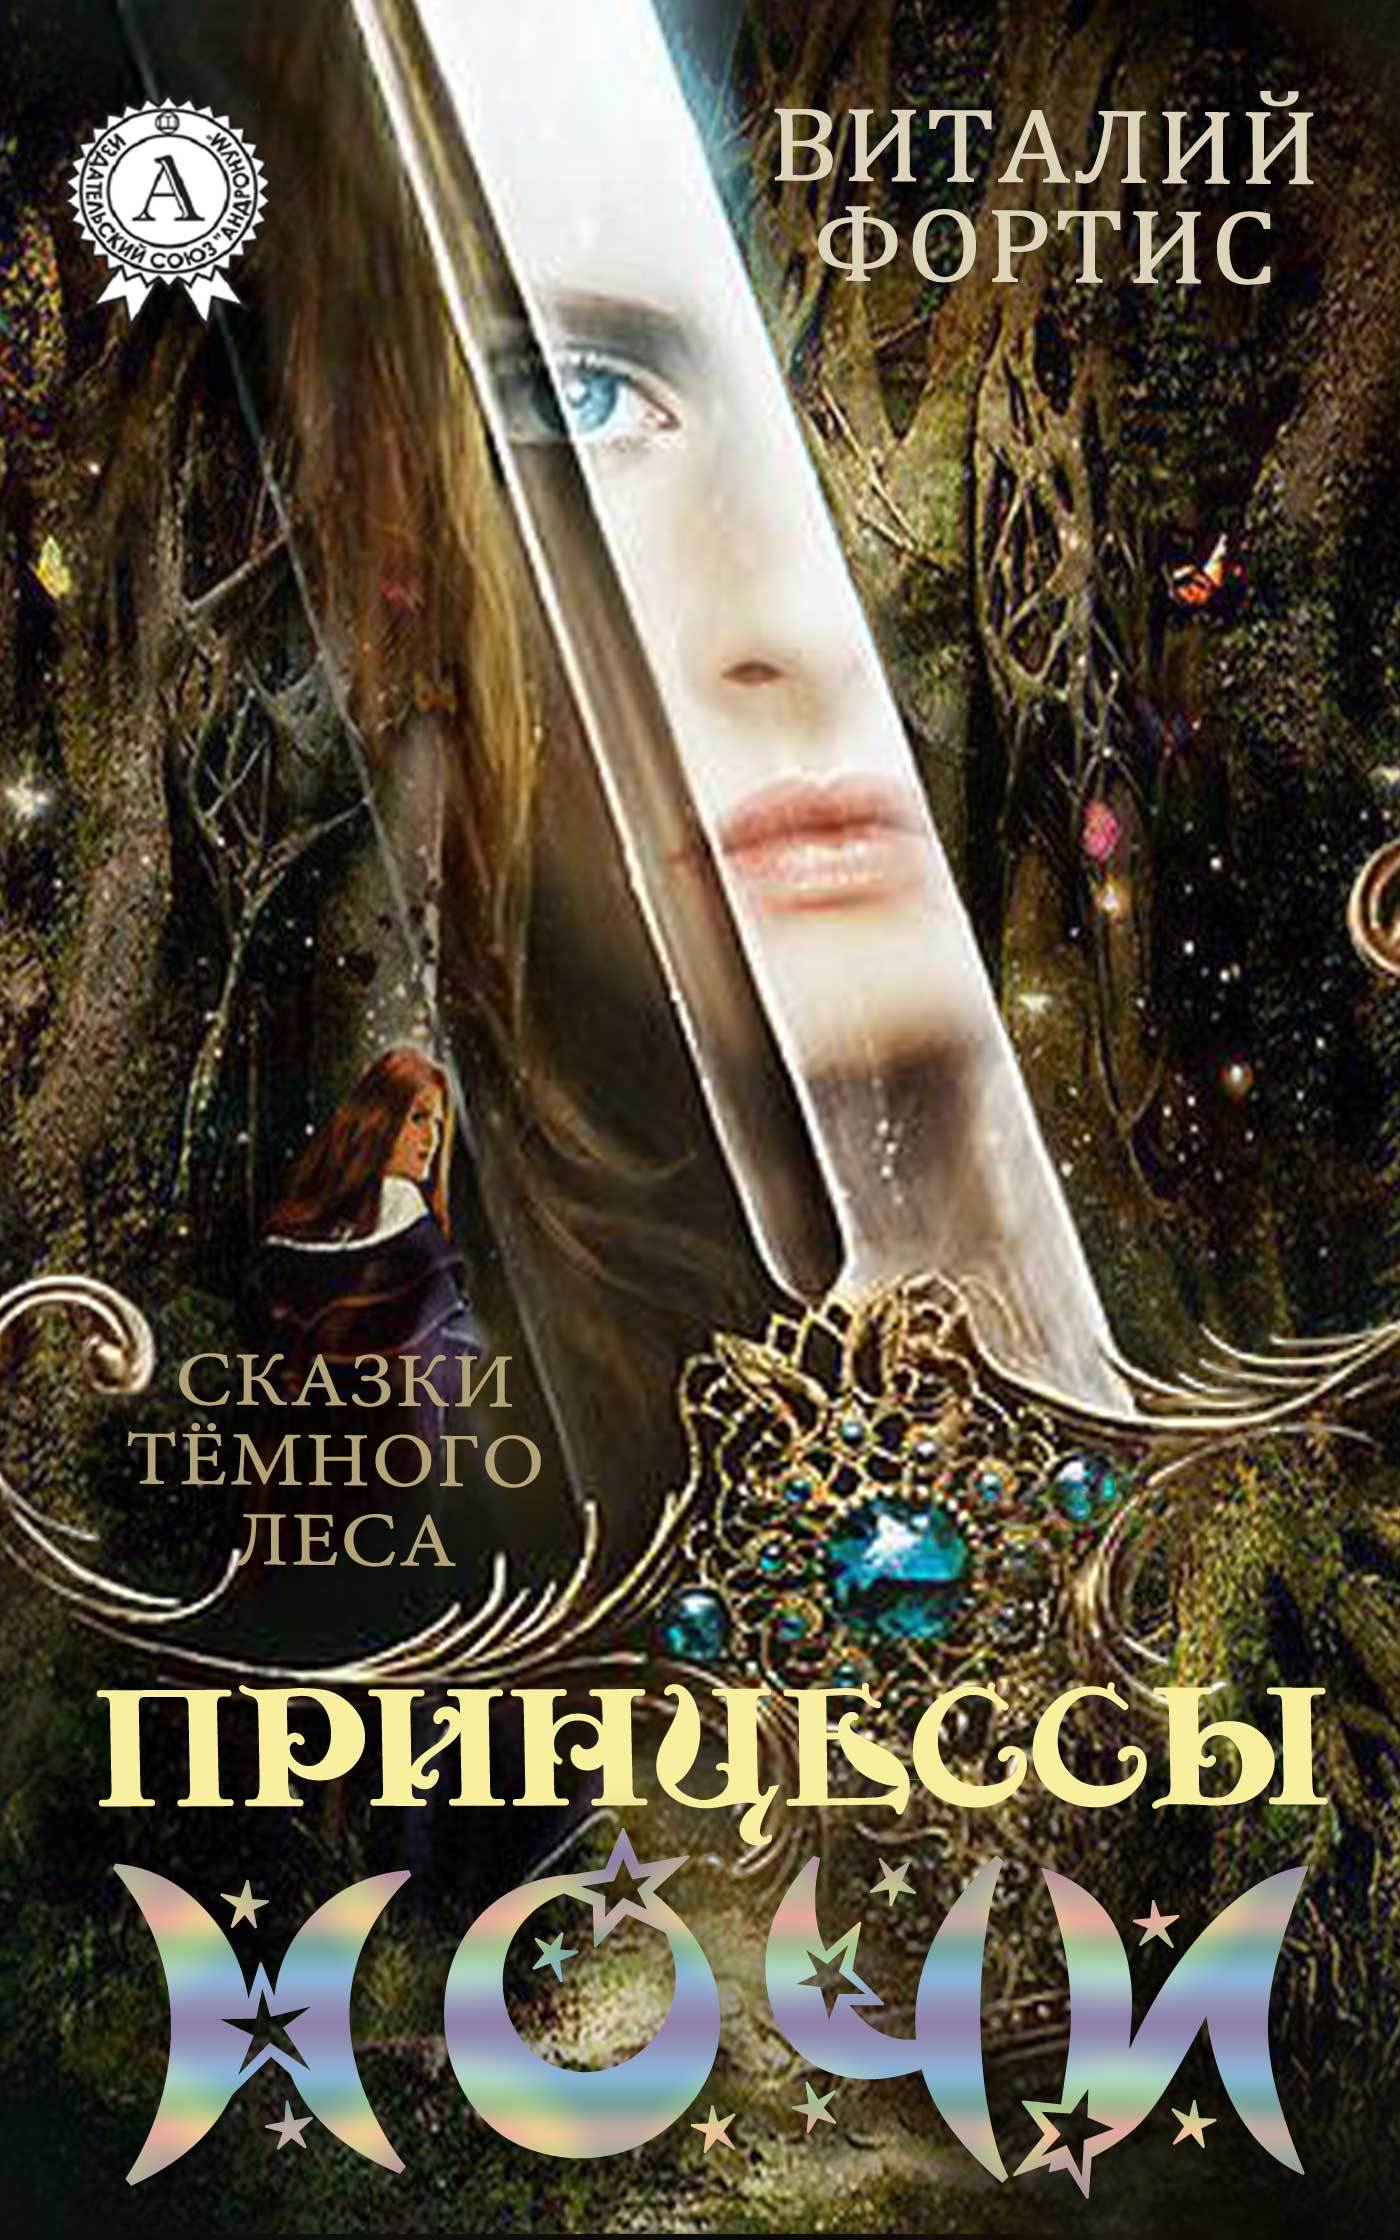 Виталий Фортис Принцессы ночи елена арсеньева нарцисс для принцессы анна леопольдовна – морис линар